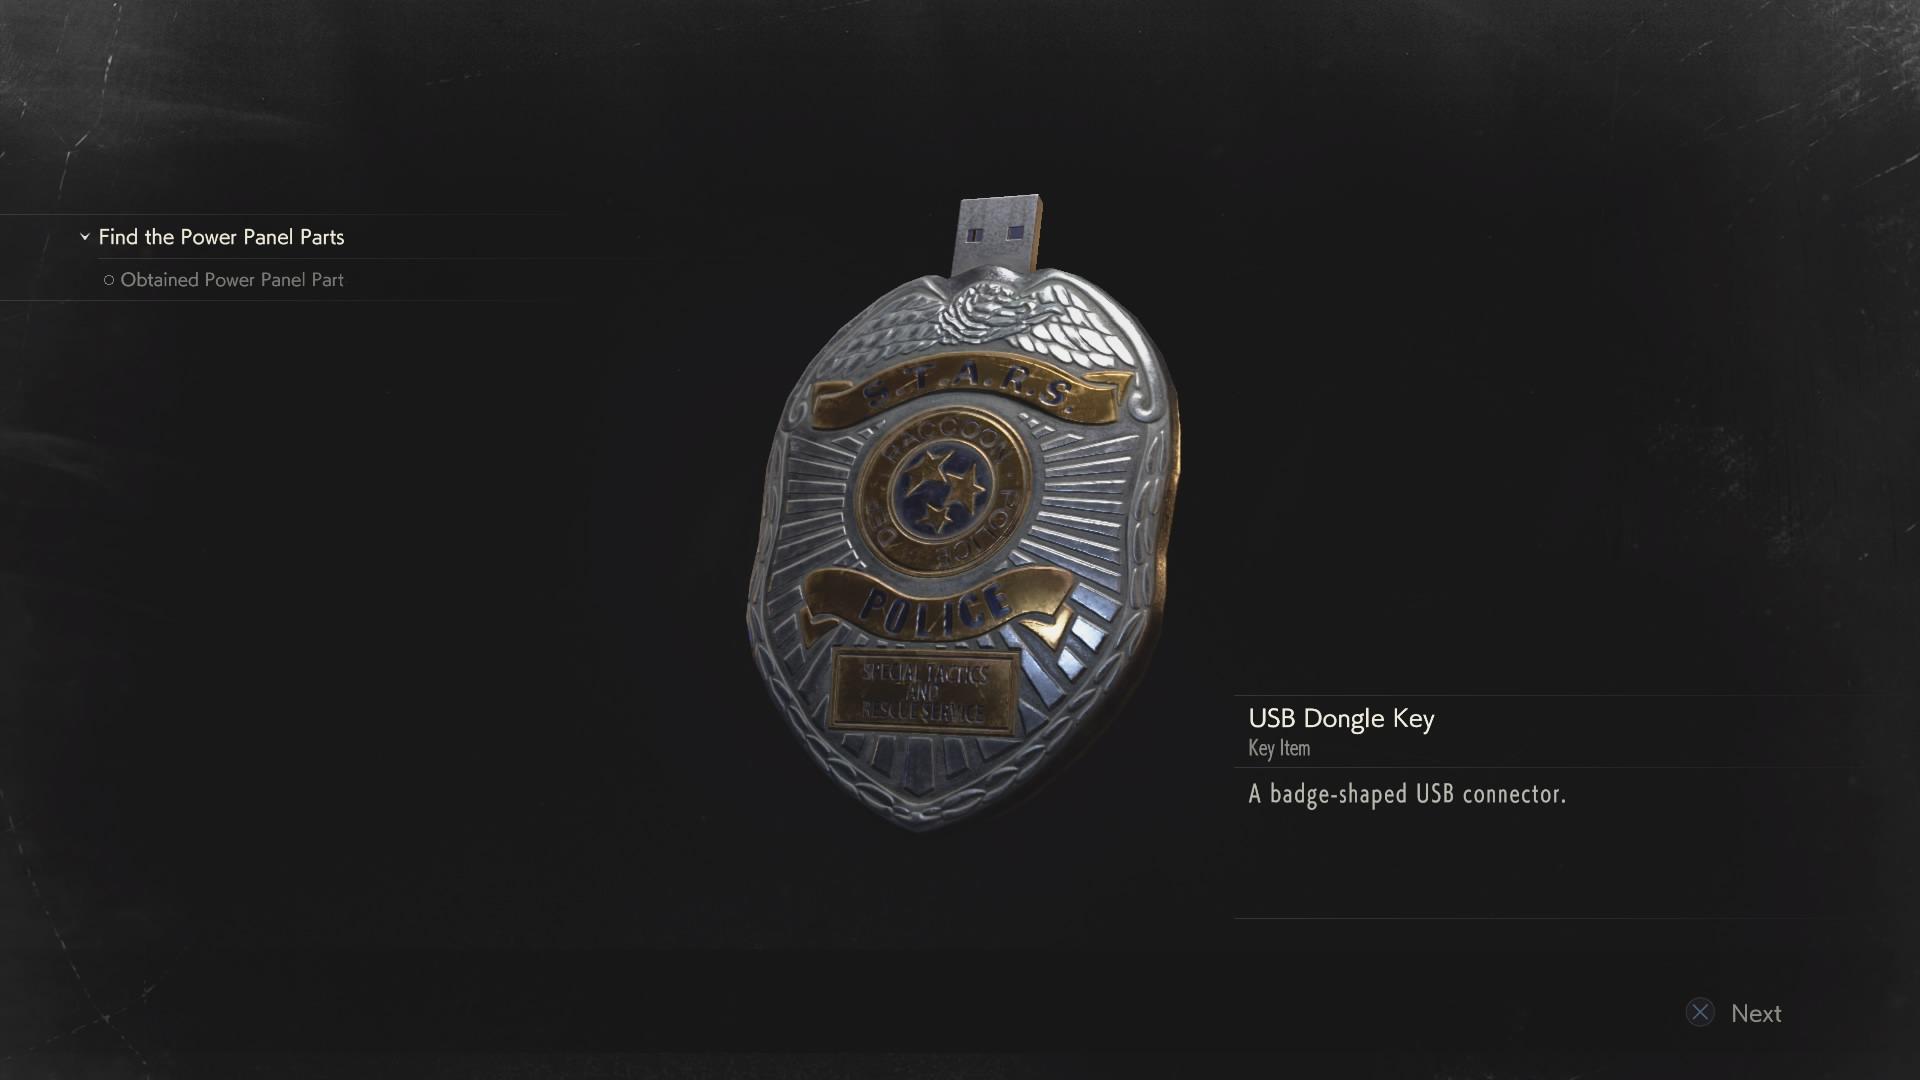 Usb Dongle Key Resident Evil Wiki Fandom Powered By Wikia